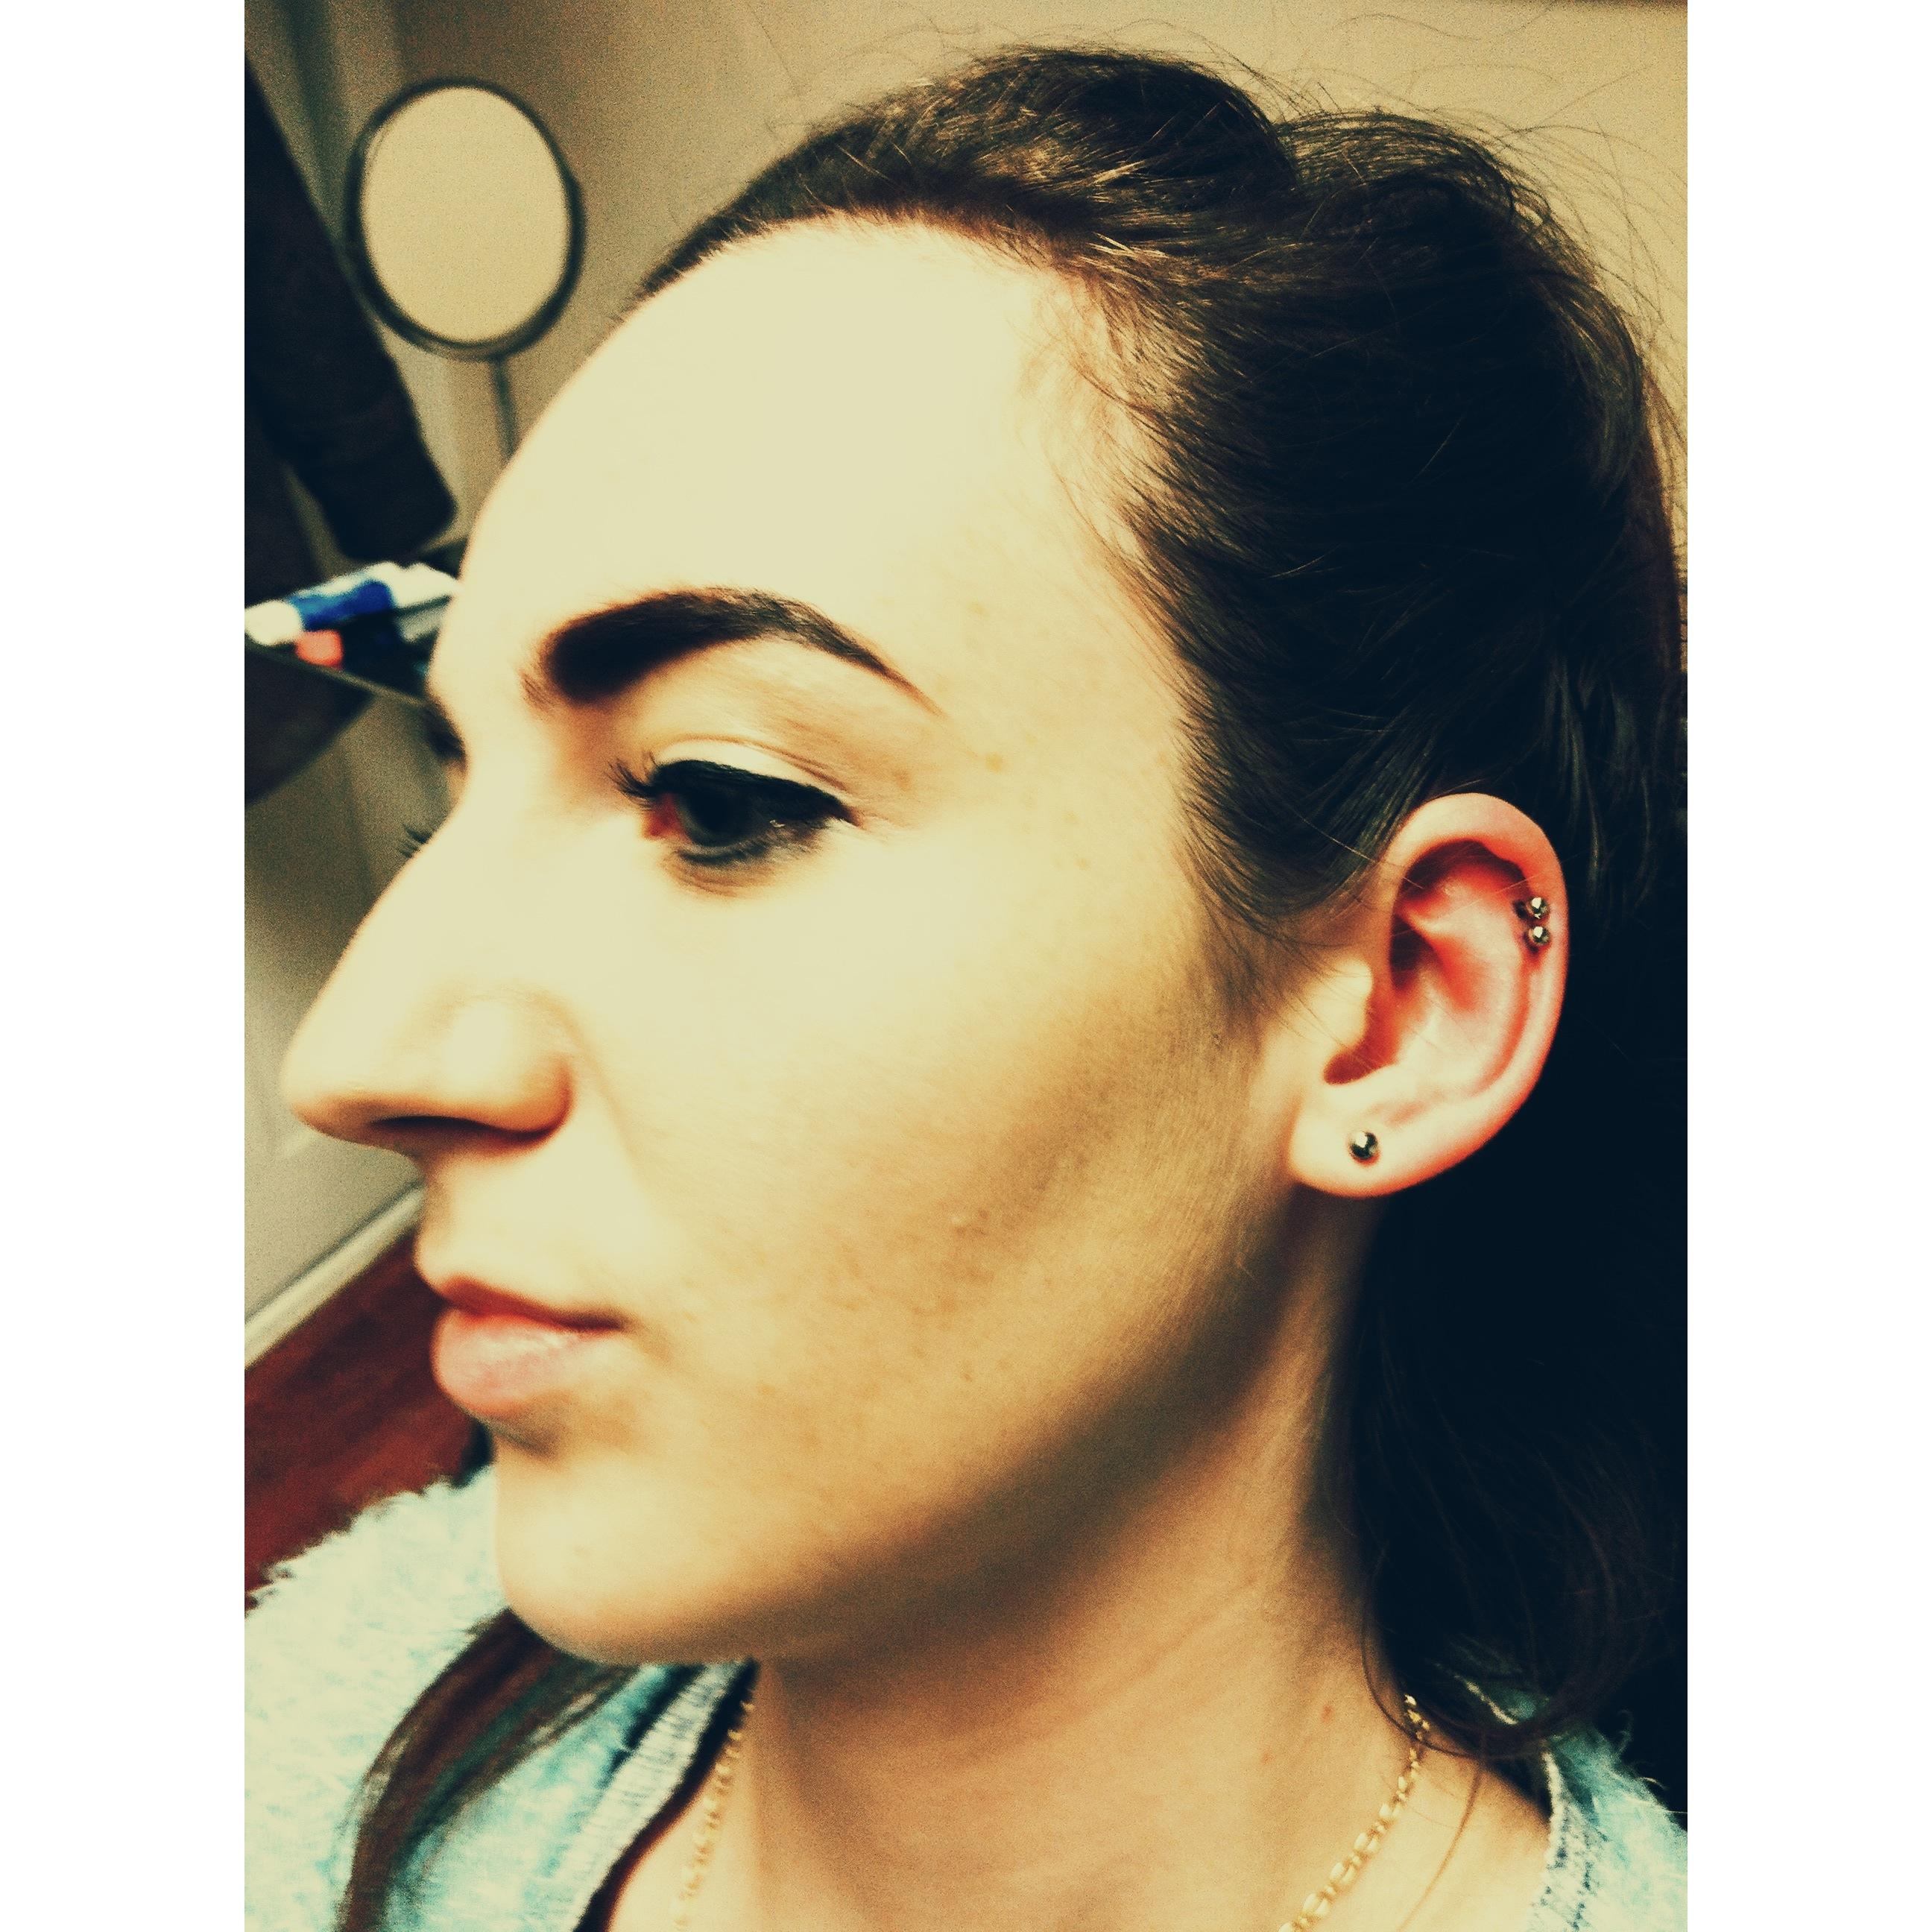 Tessa's Double Top Ear Piercings